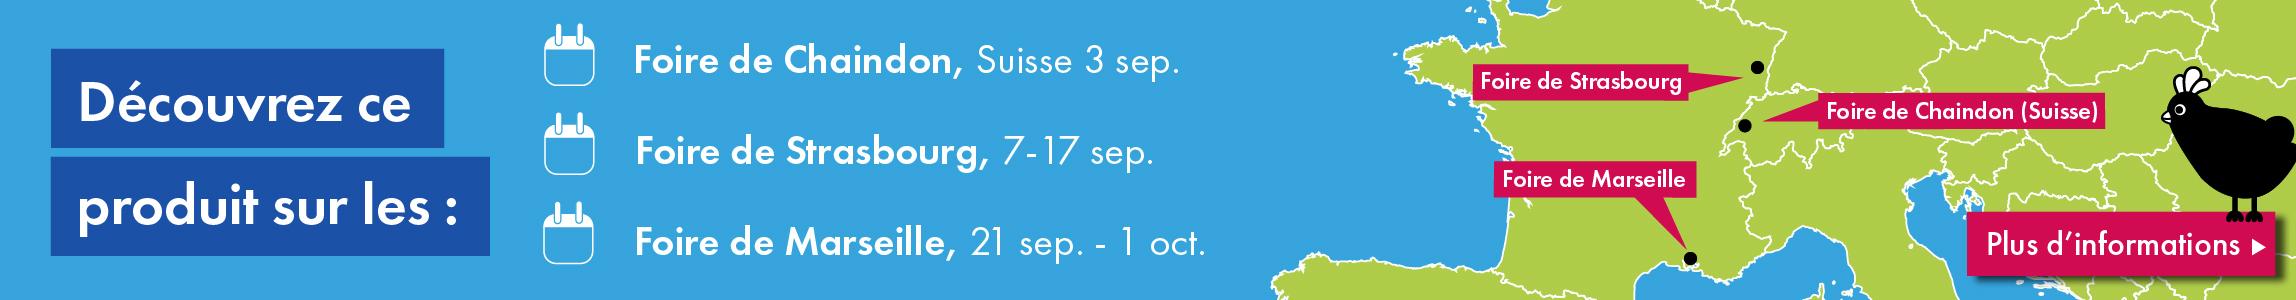 Découvrez les produits Omlet sur les foires de Chaindon, Strasbourg et Marseille